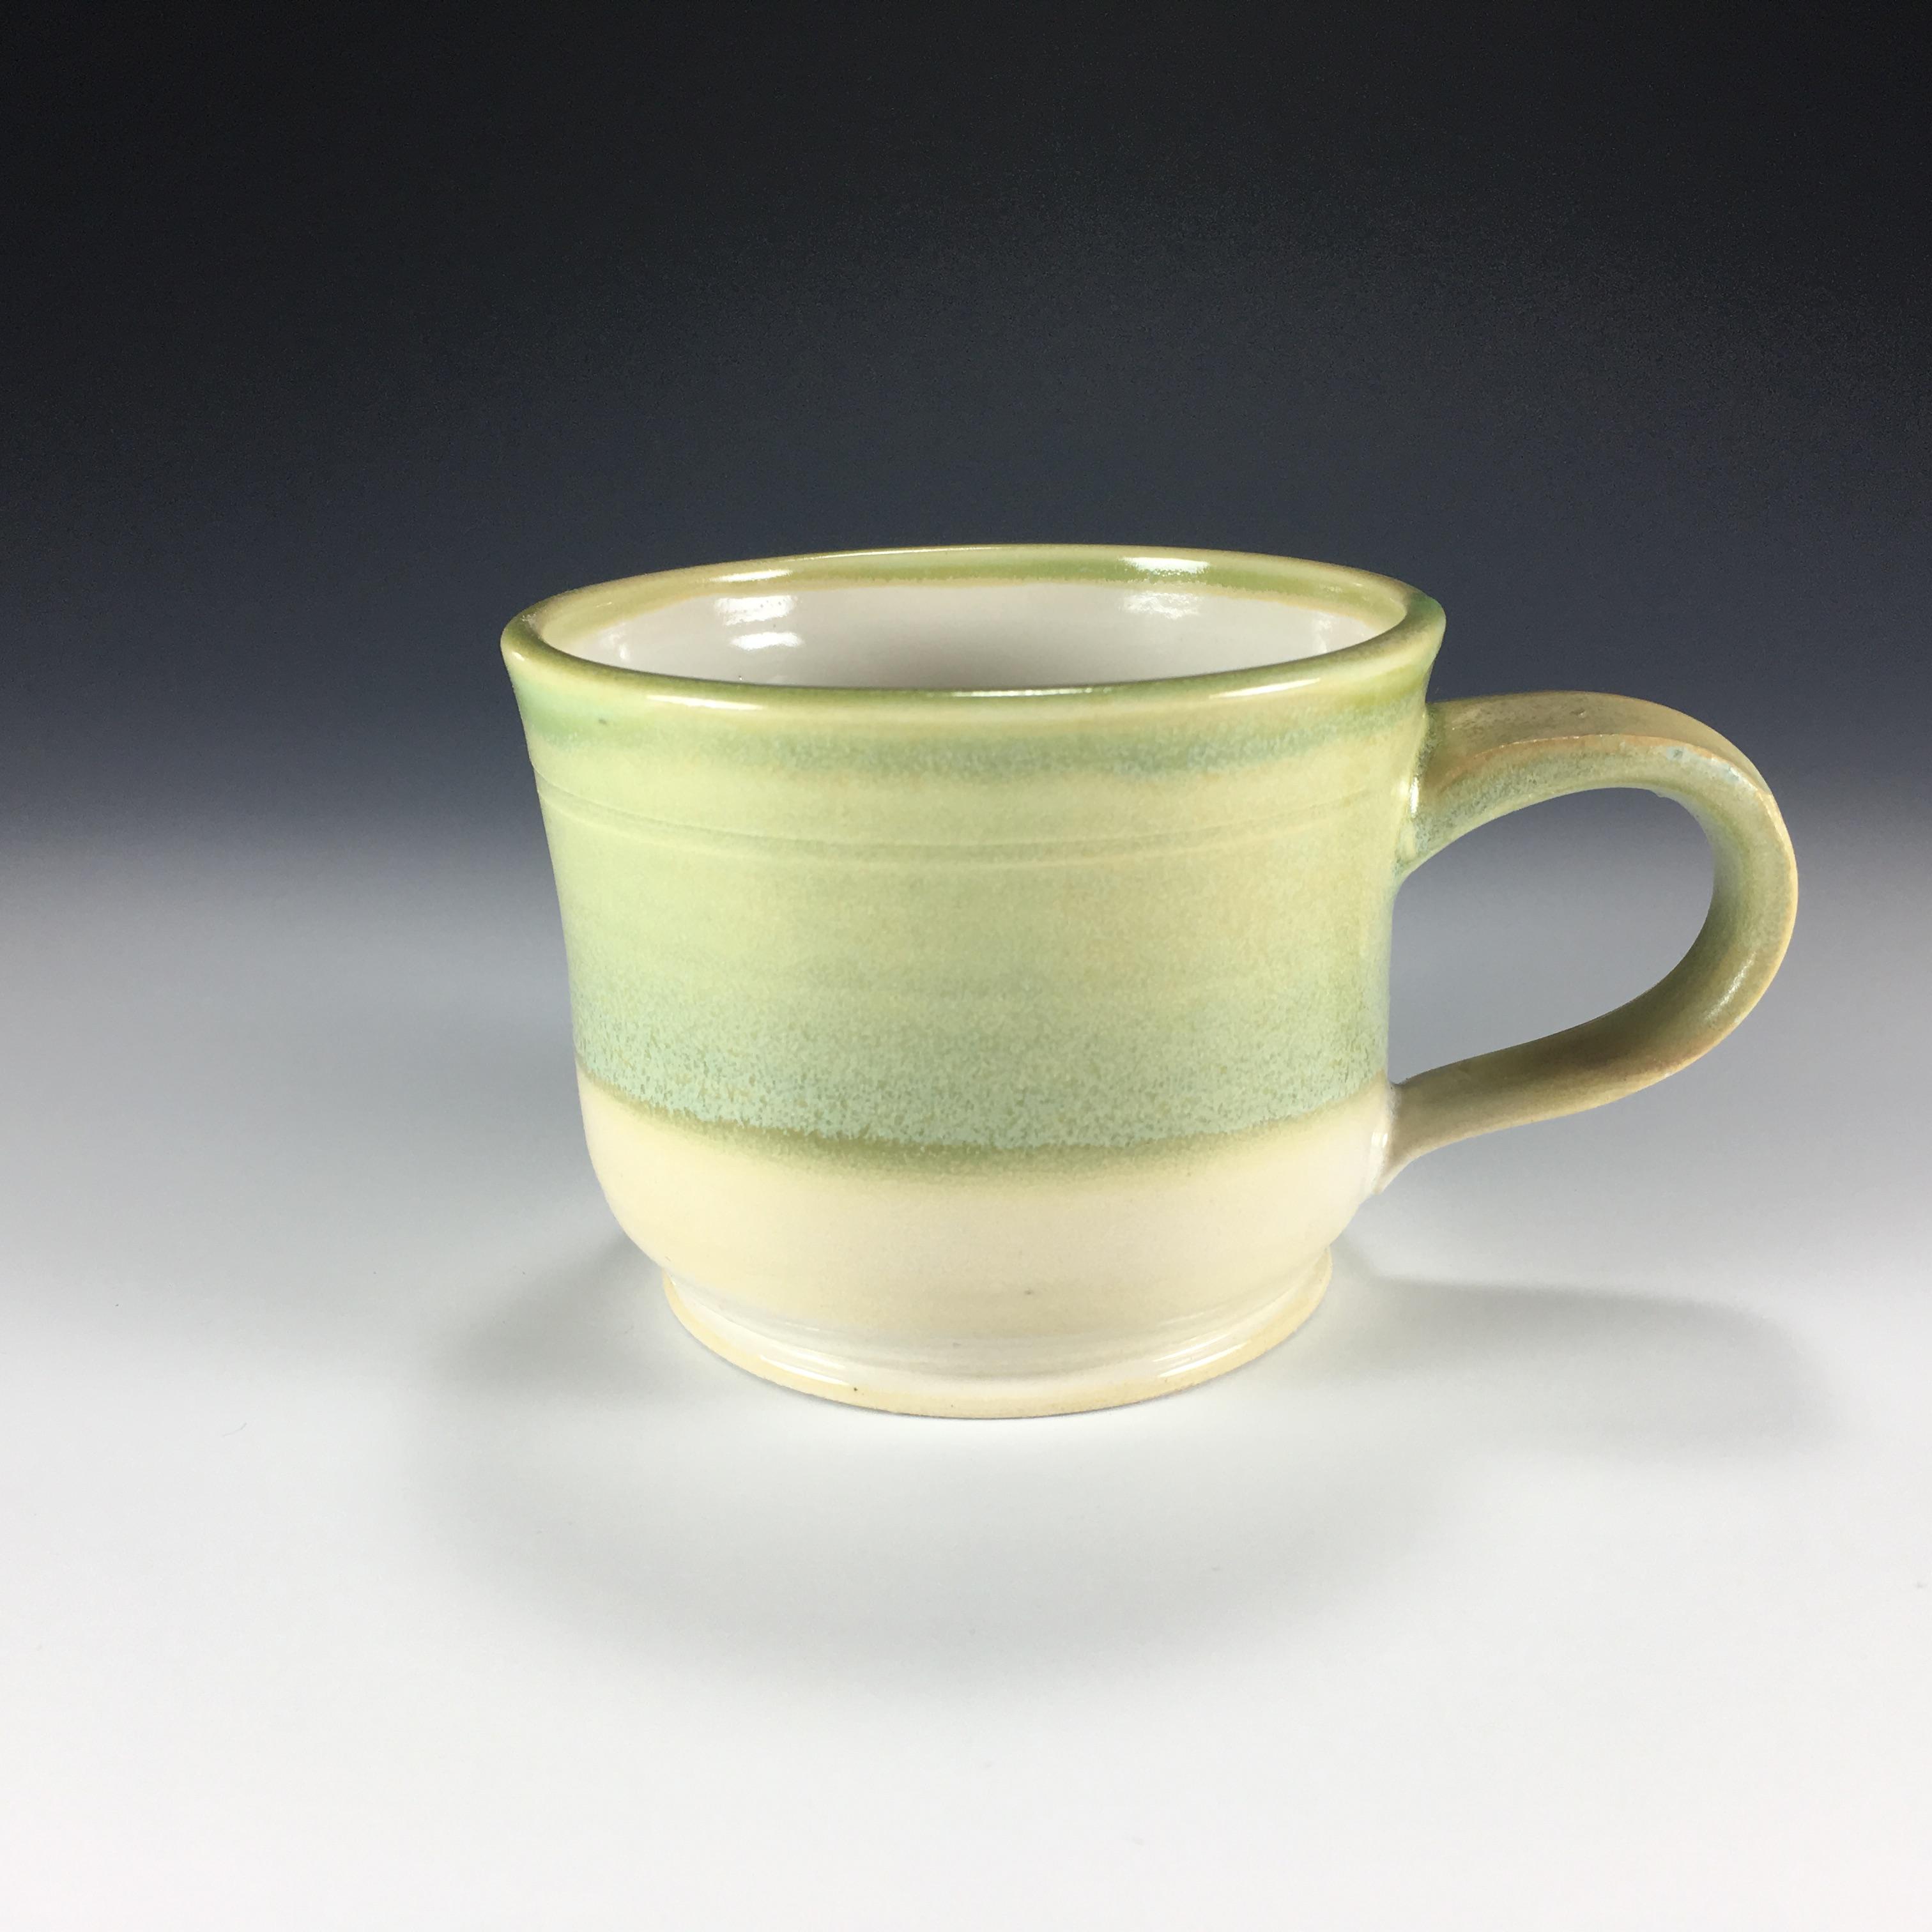 Moss Green Teacup